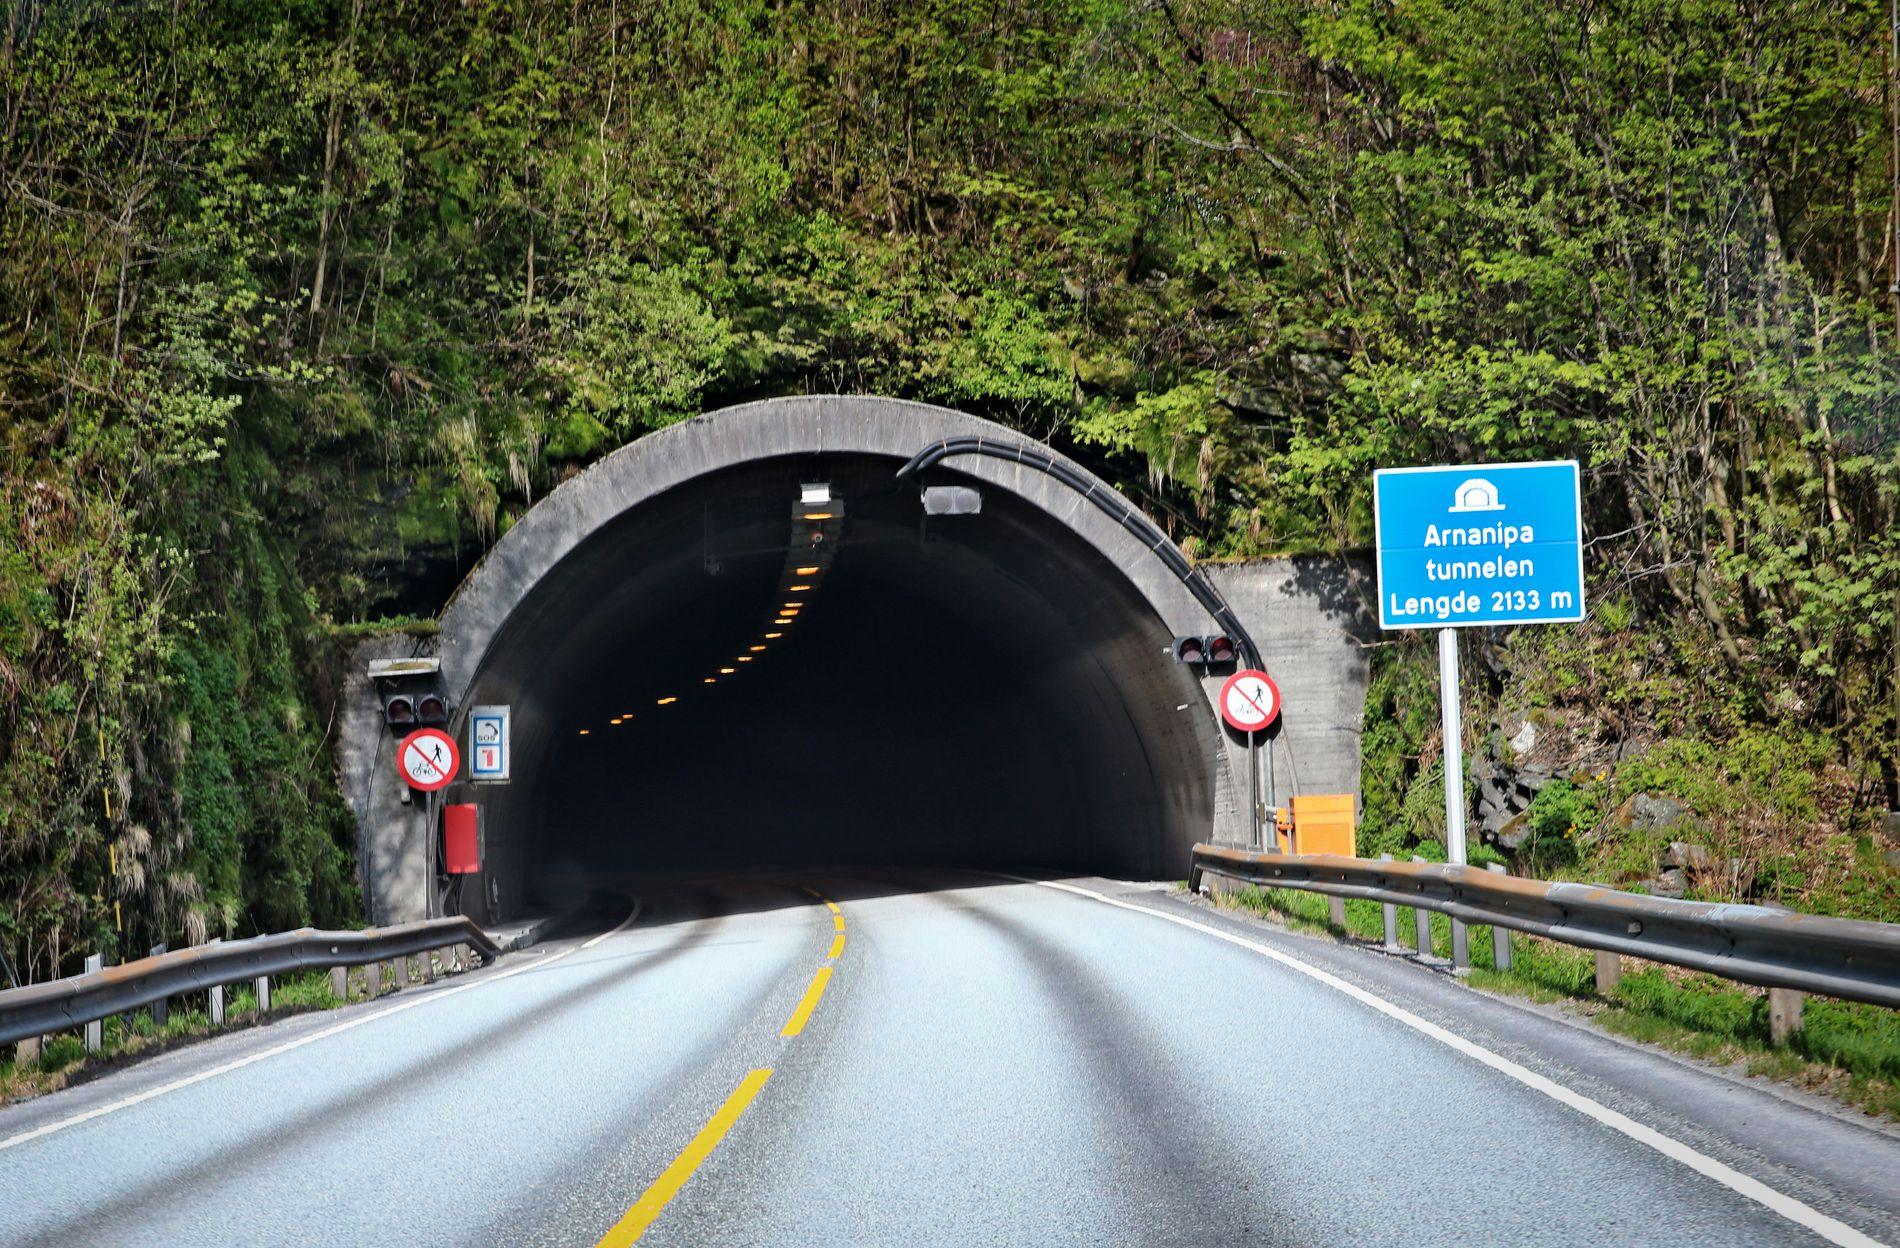 ULYKKESSTEDET: Det var i Arnanipatunnelen i Bergen at det gikk forferdelig galt i natt.